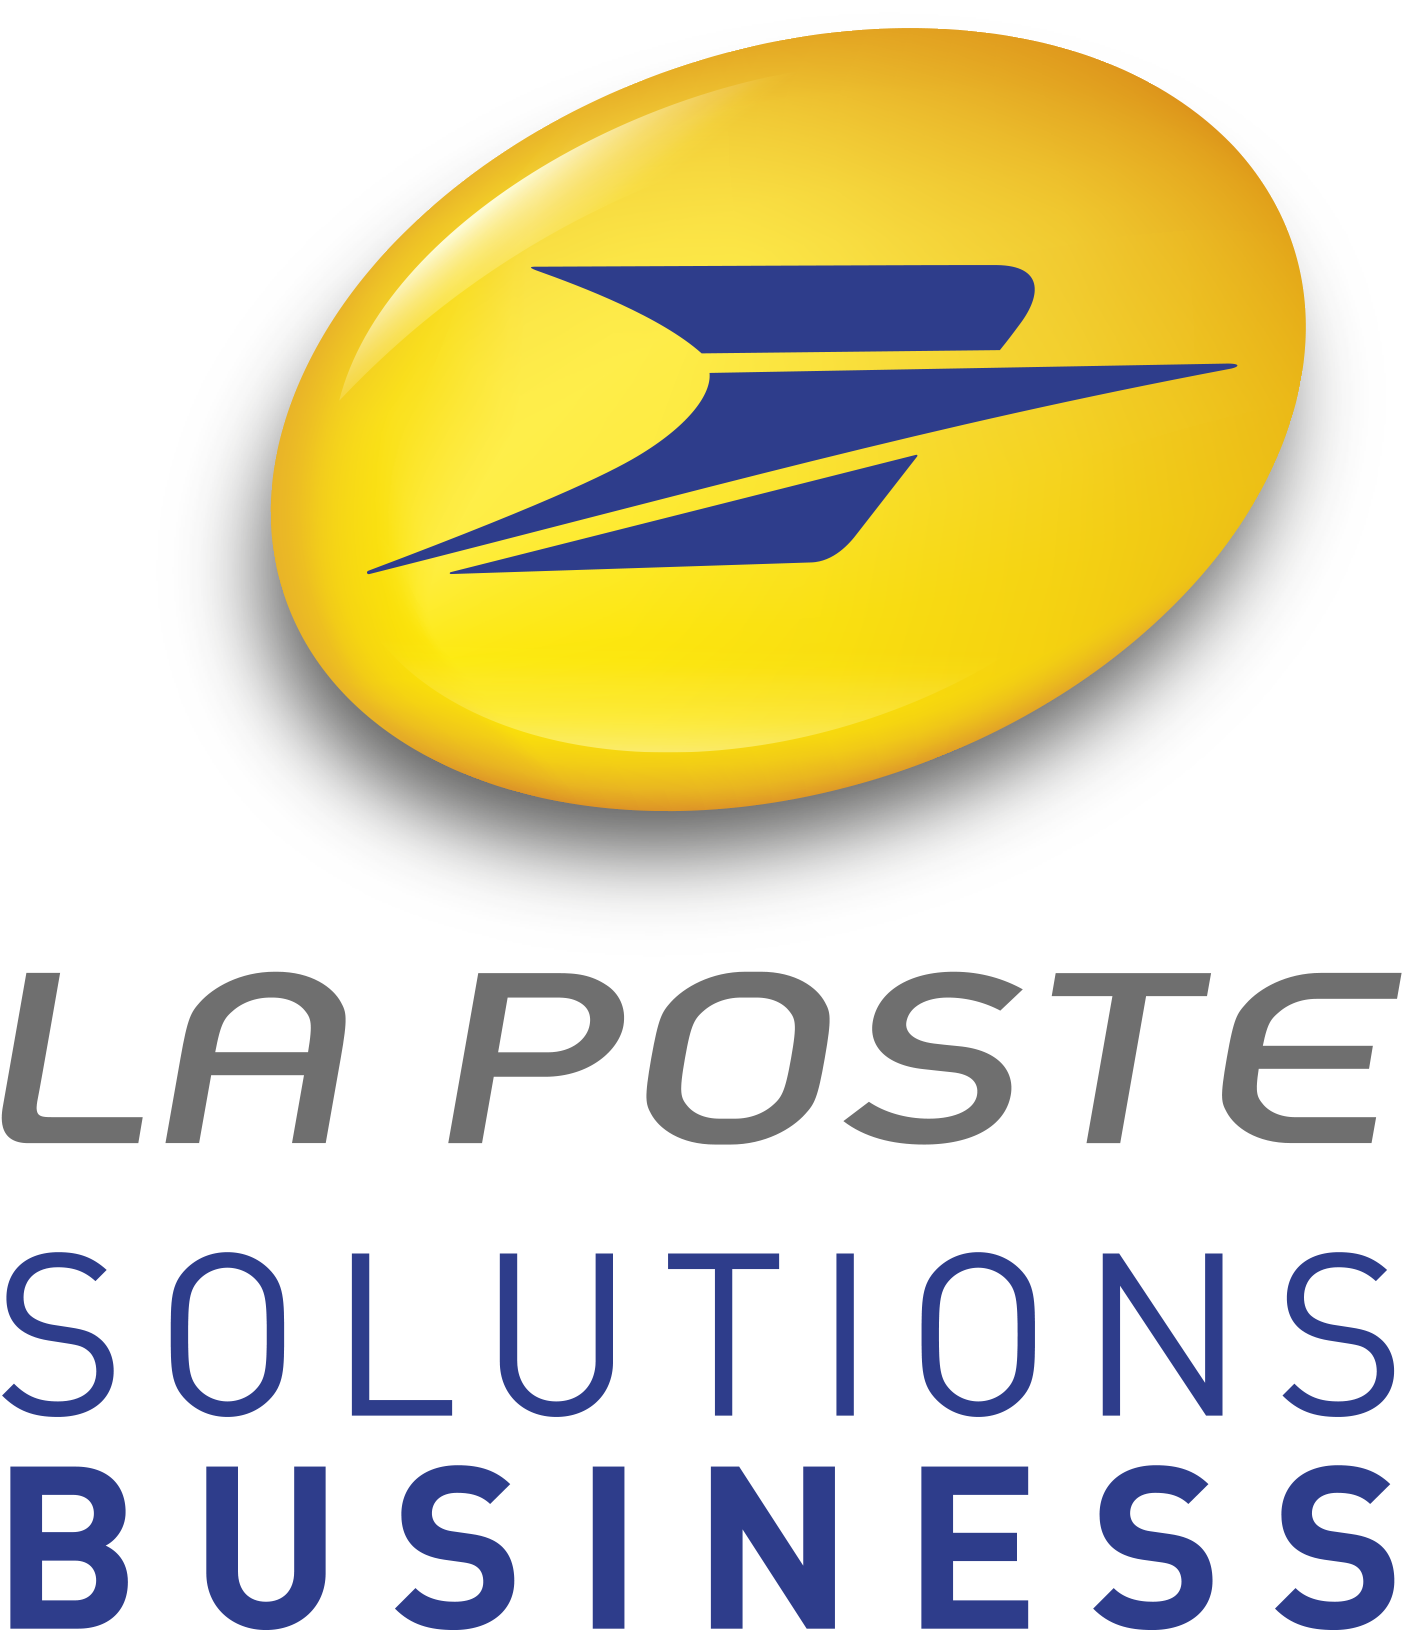 La Poste Solutions Business